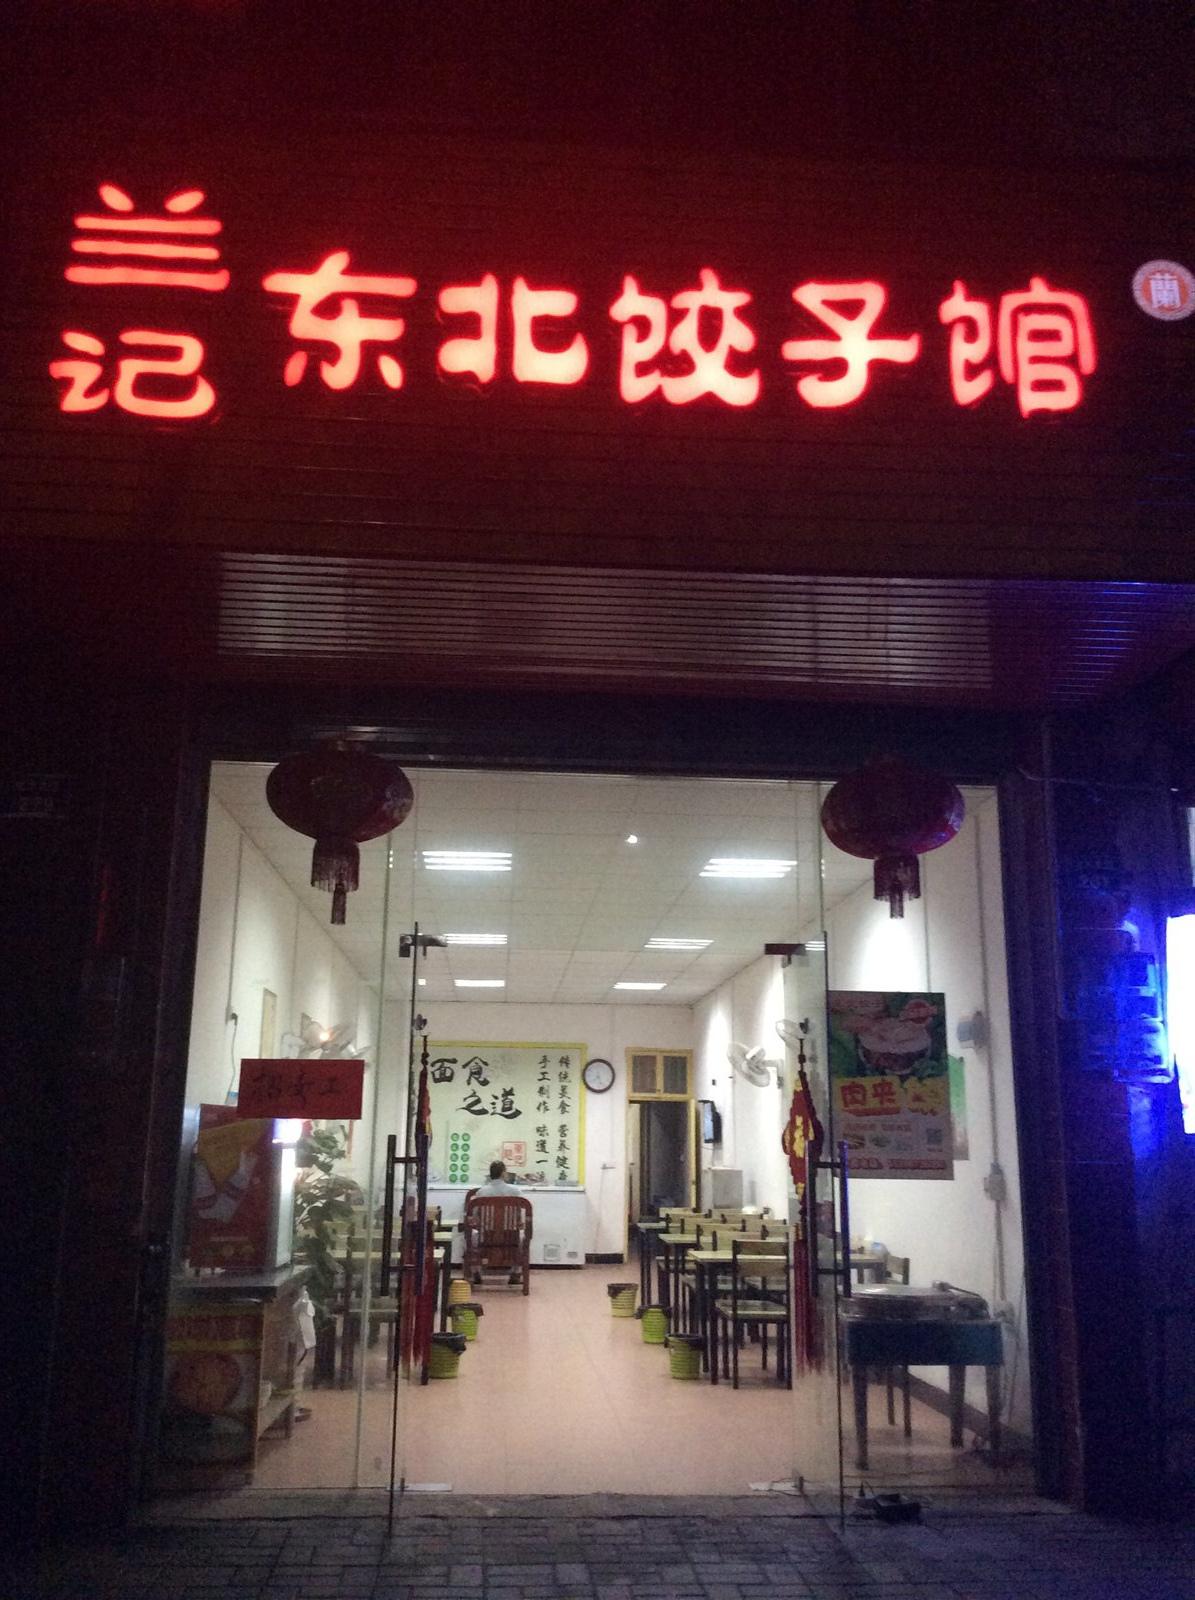 471394兰记东北饺子馆